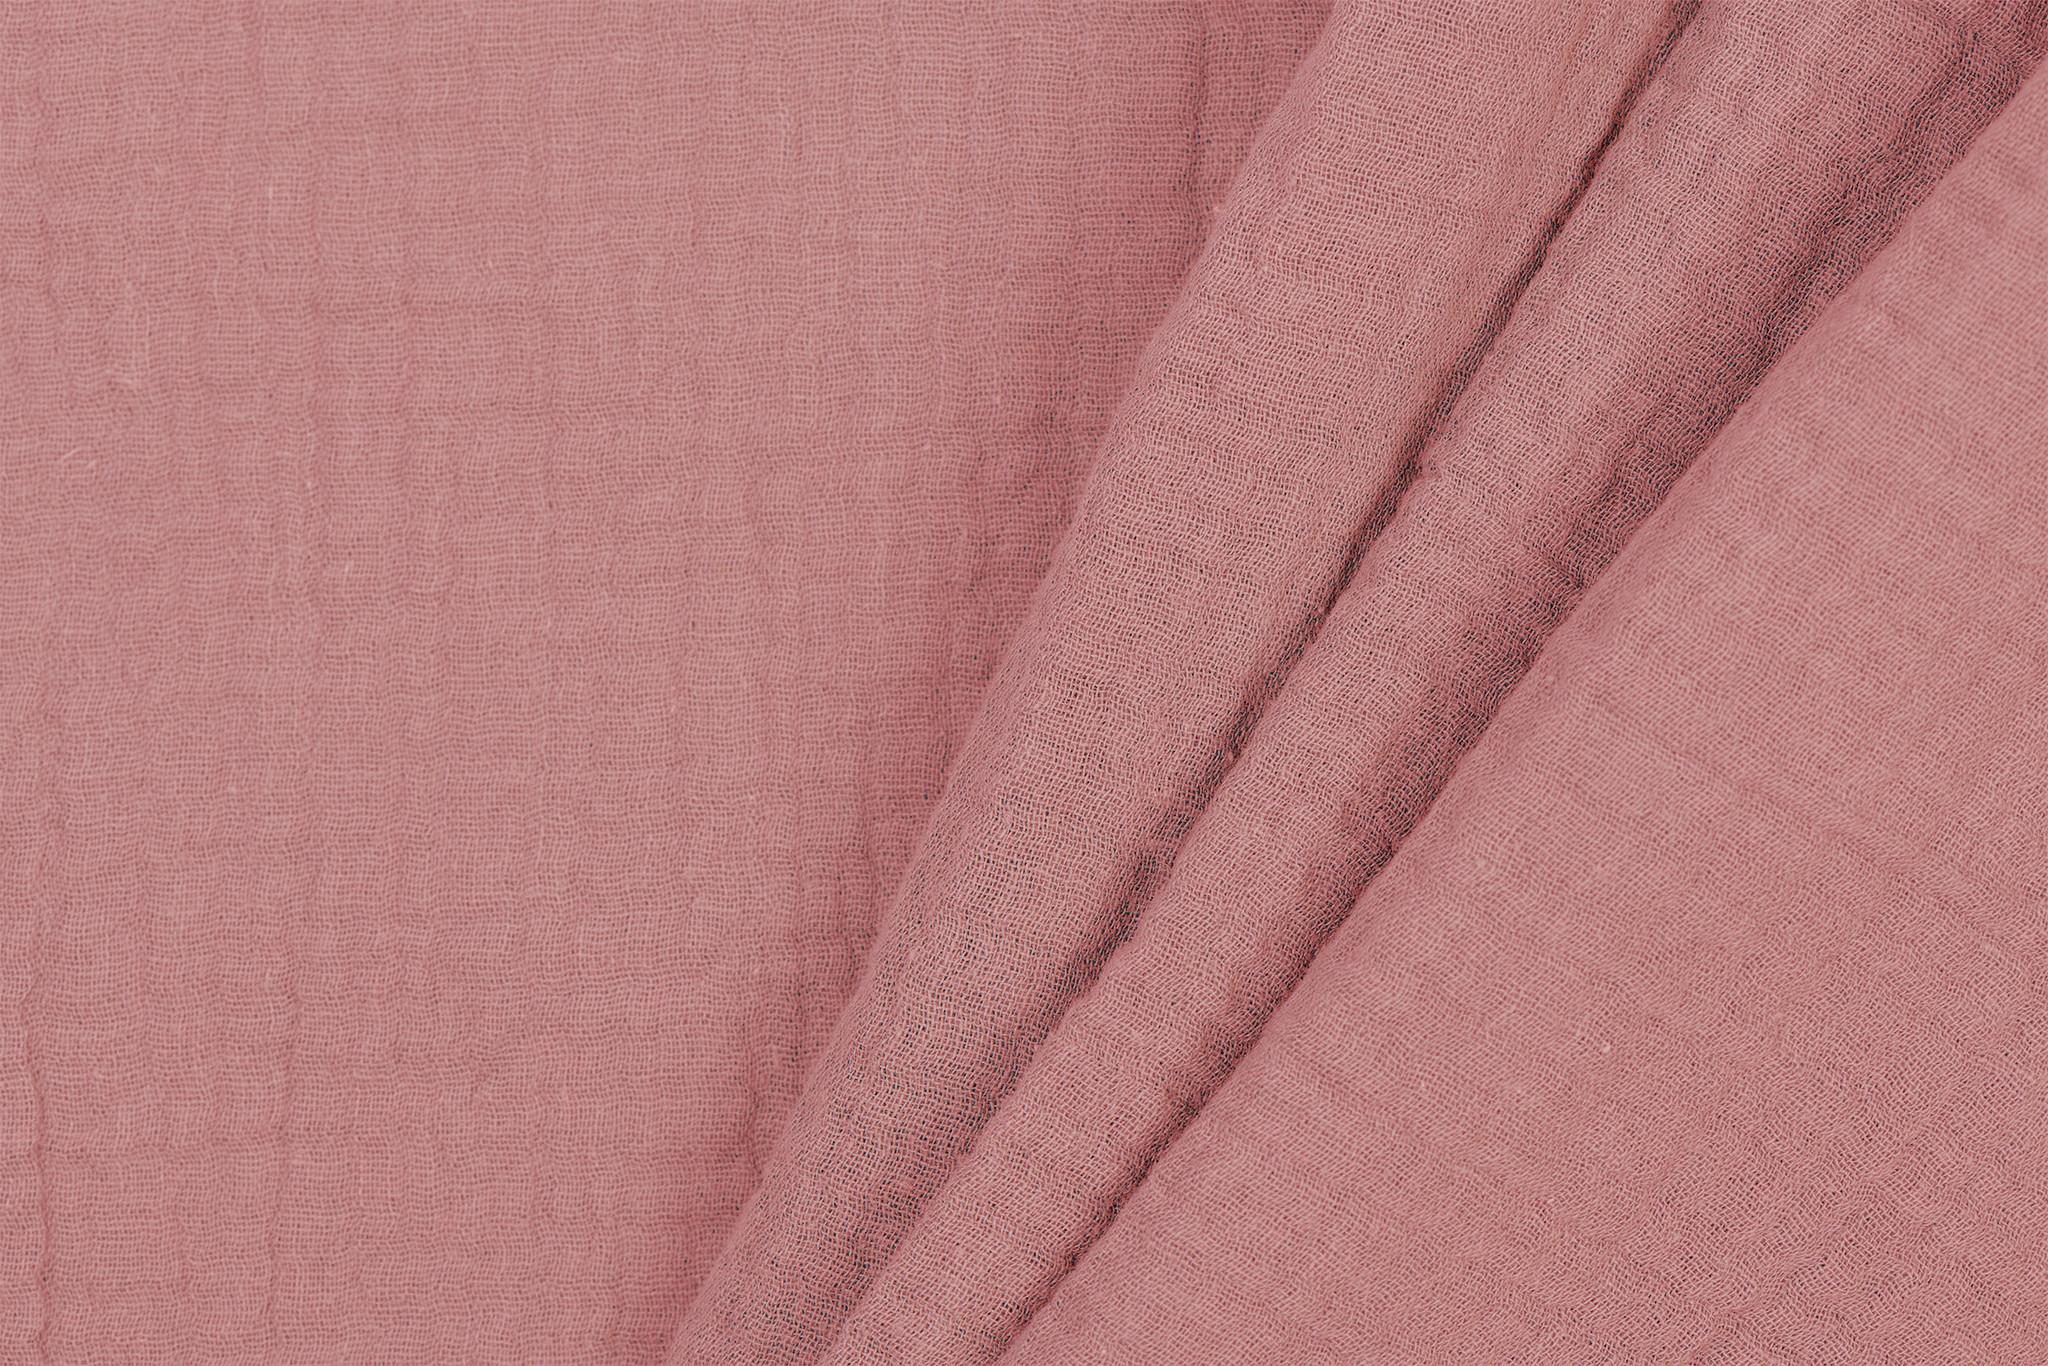 Qjutie Kids Baby Cotton / Mousseline Uni / Effen Rose The